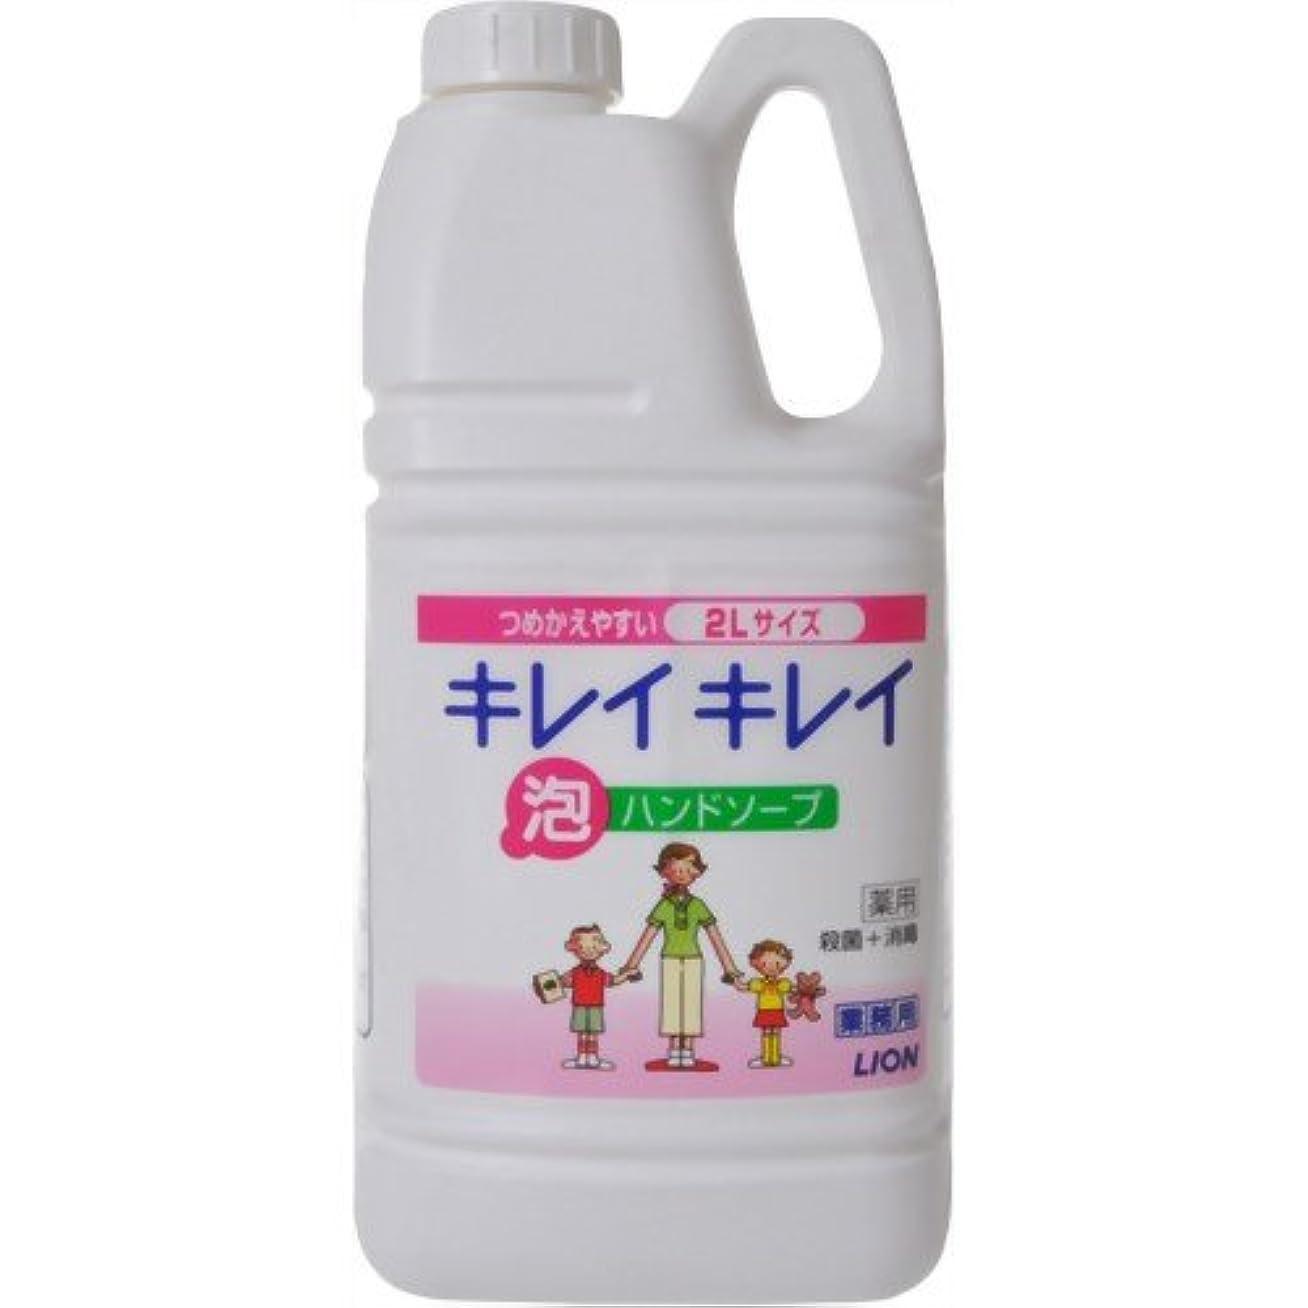 十代の若者たち買収ロシアキレイキレイ薬用泡ハンドソープ2L(業務用)